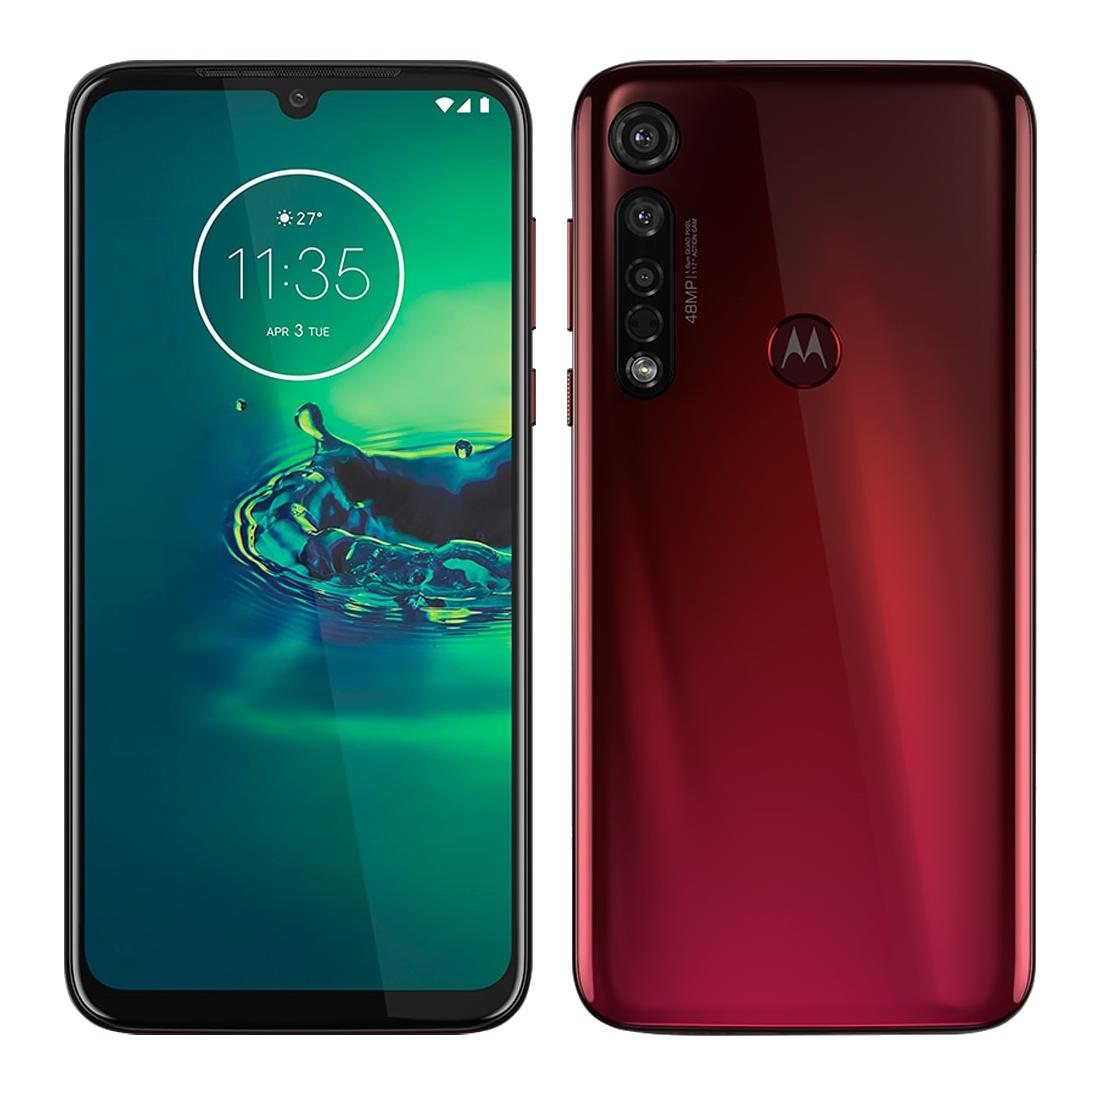 Motorola Moto G8 Plus recebe Android 10 no Brasil